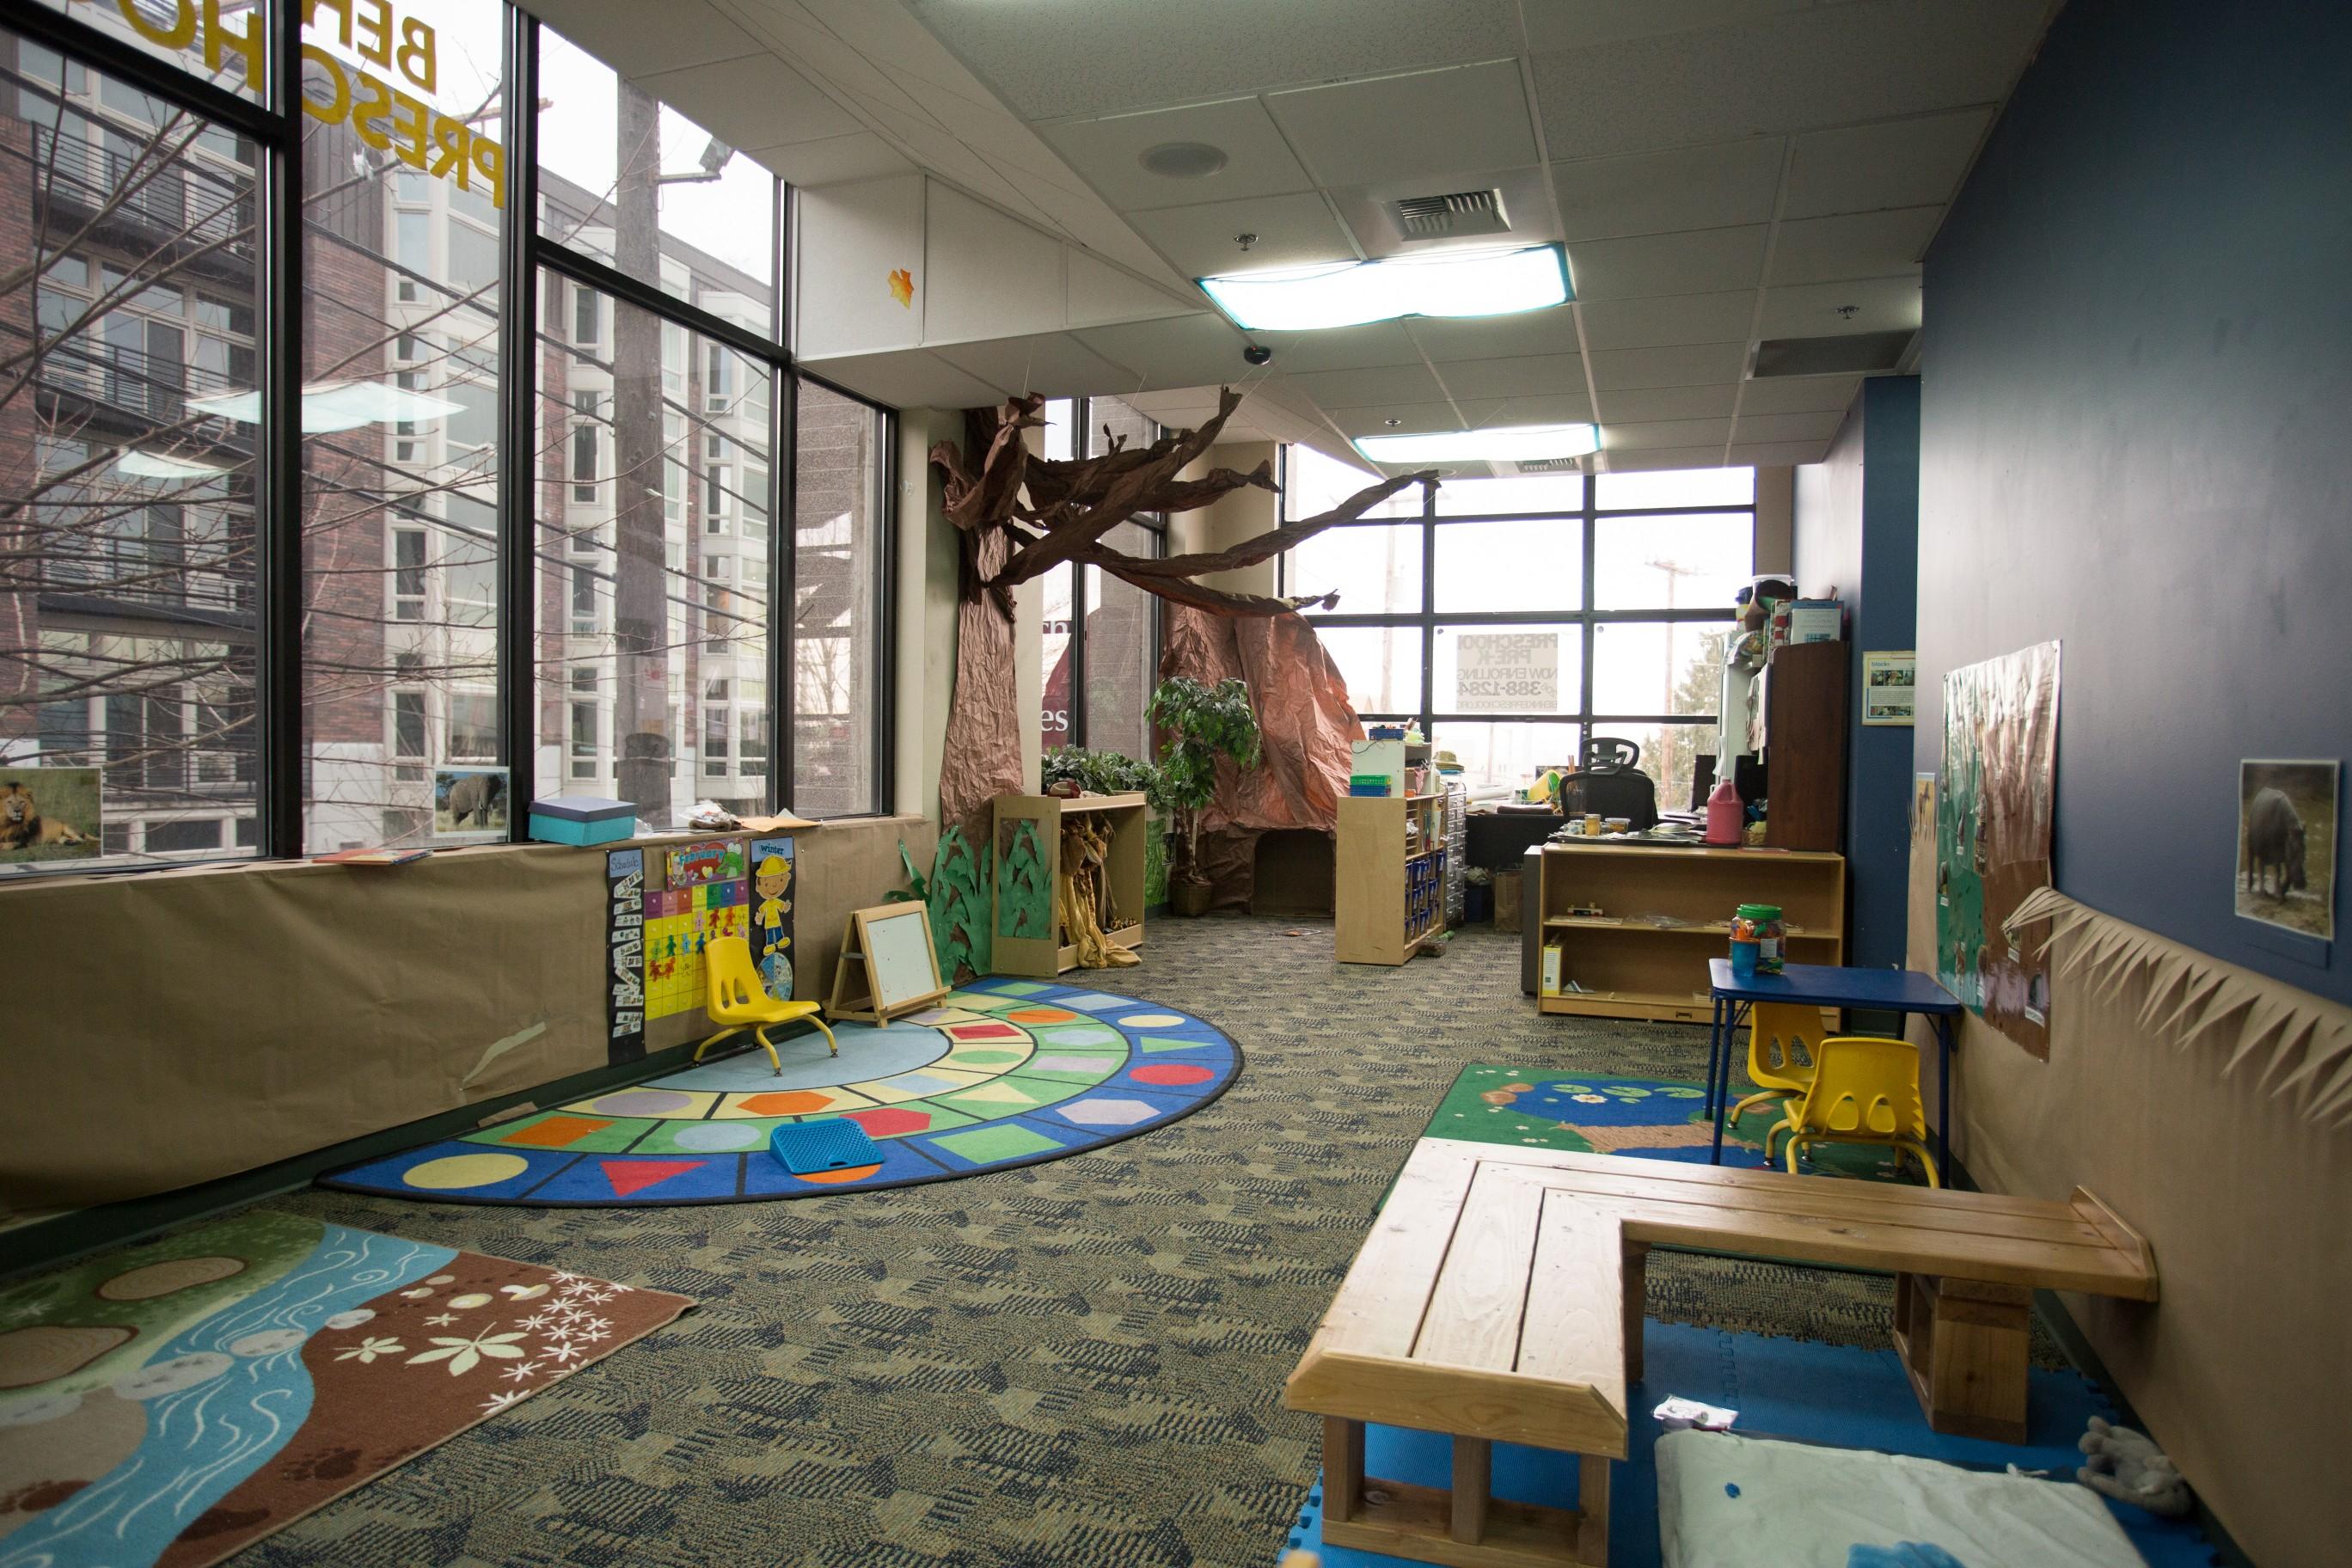 behnke preschool for speech delayed kids in seattle hsdc